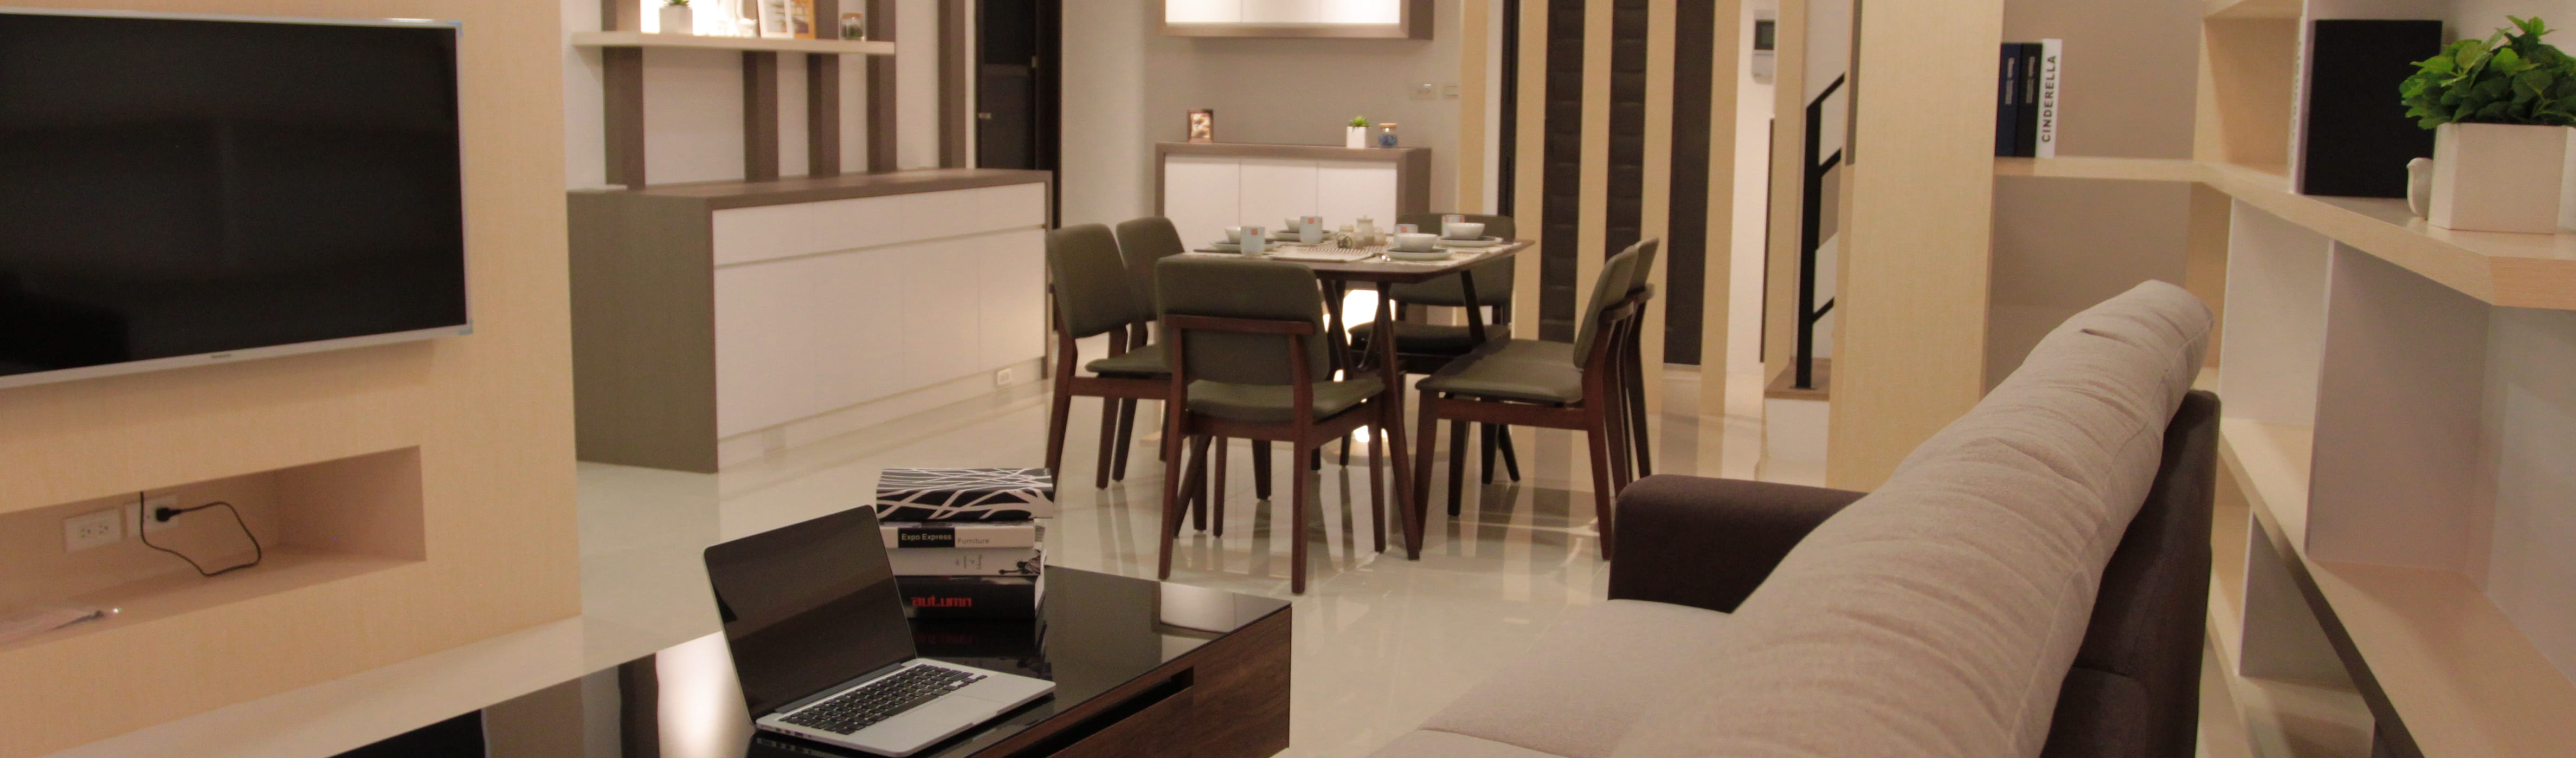 匠世室內設計有限公司